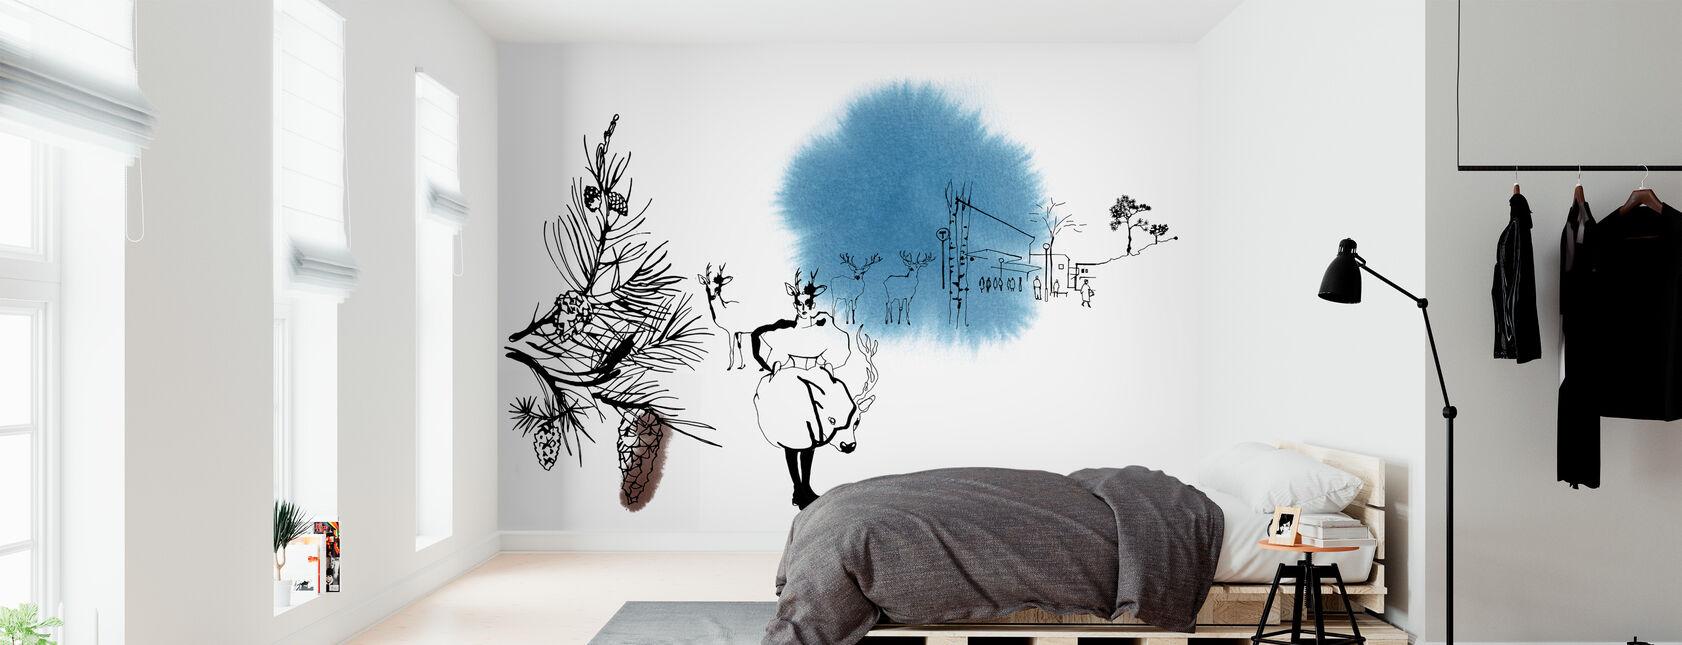 Björkhagen - Tapet - Soveværelse